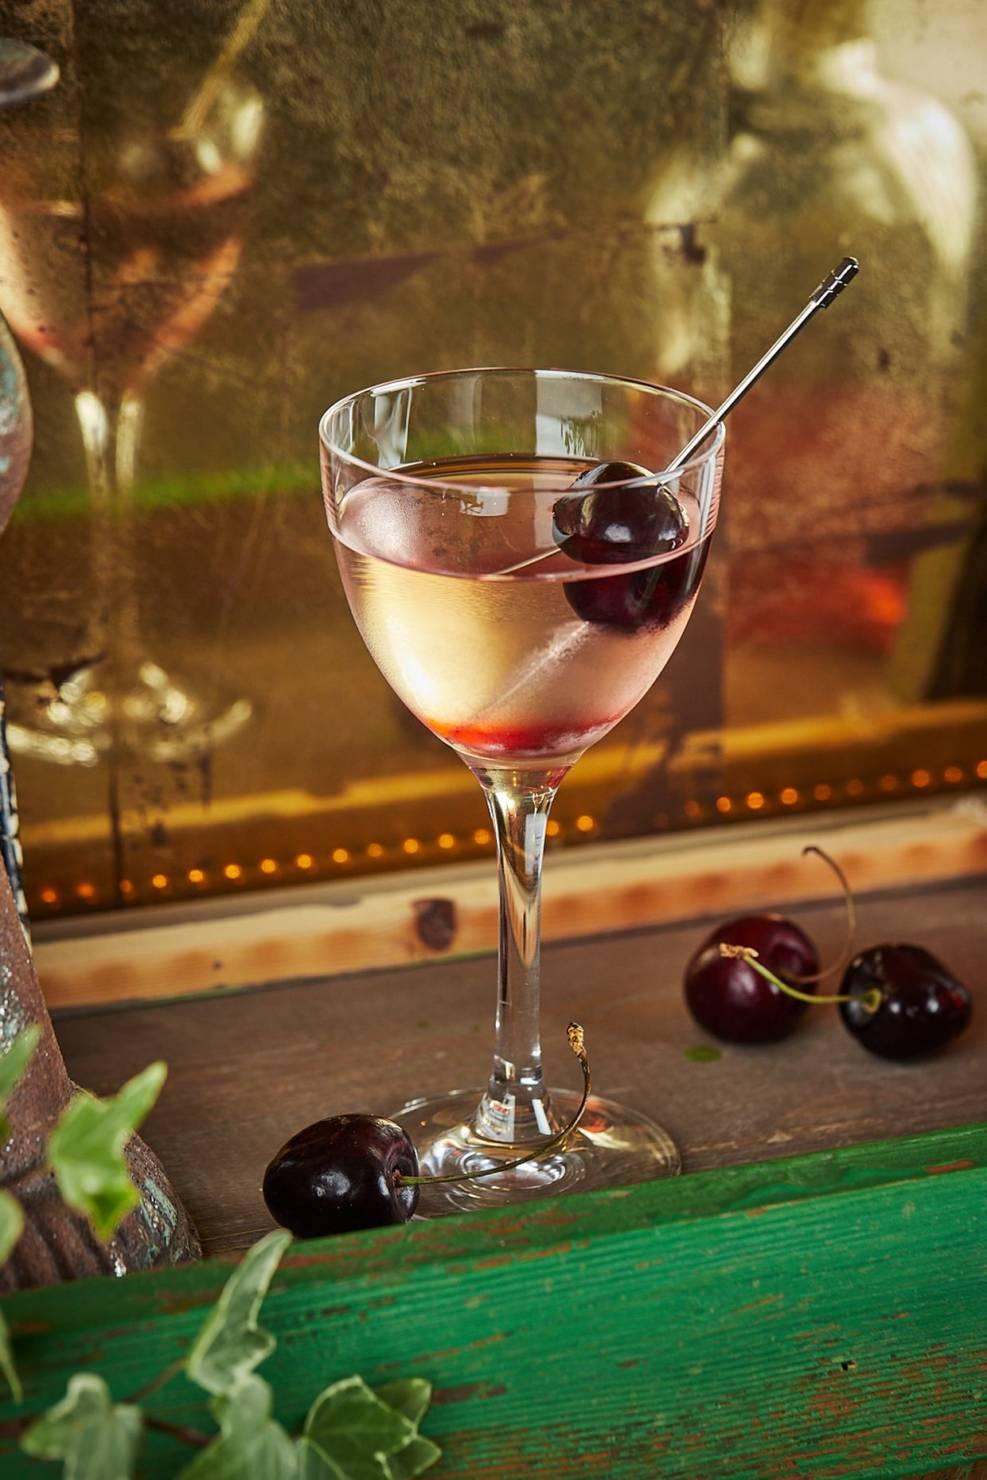 коктейли, коктейльная карта, ресторан christian, беллини, летние коктейли, сбаоансированный коктейль, коктейль для пятницы